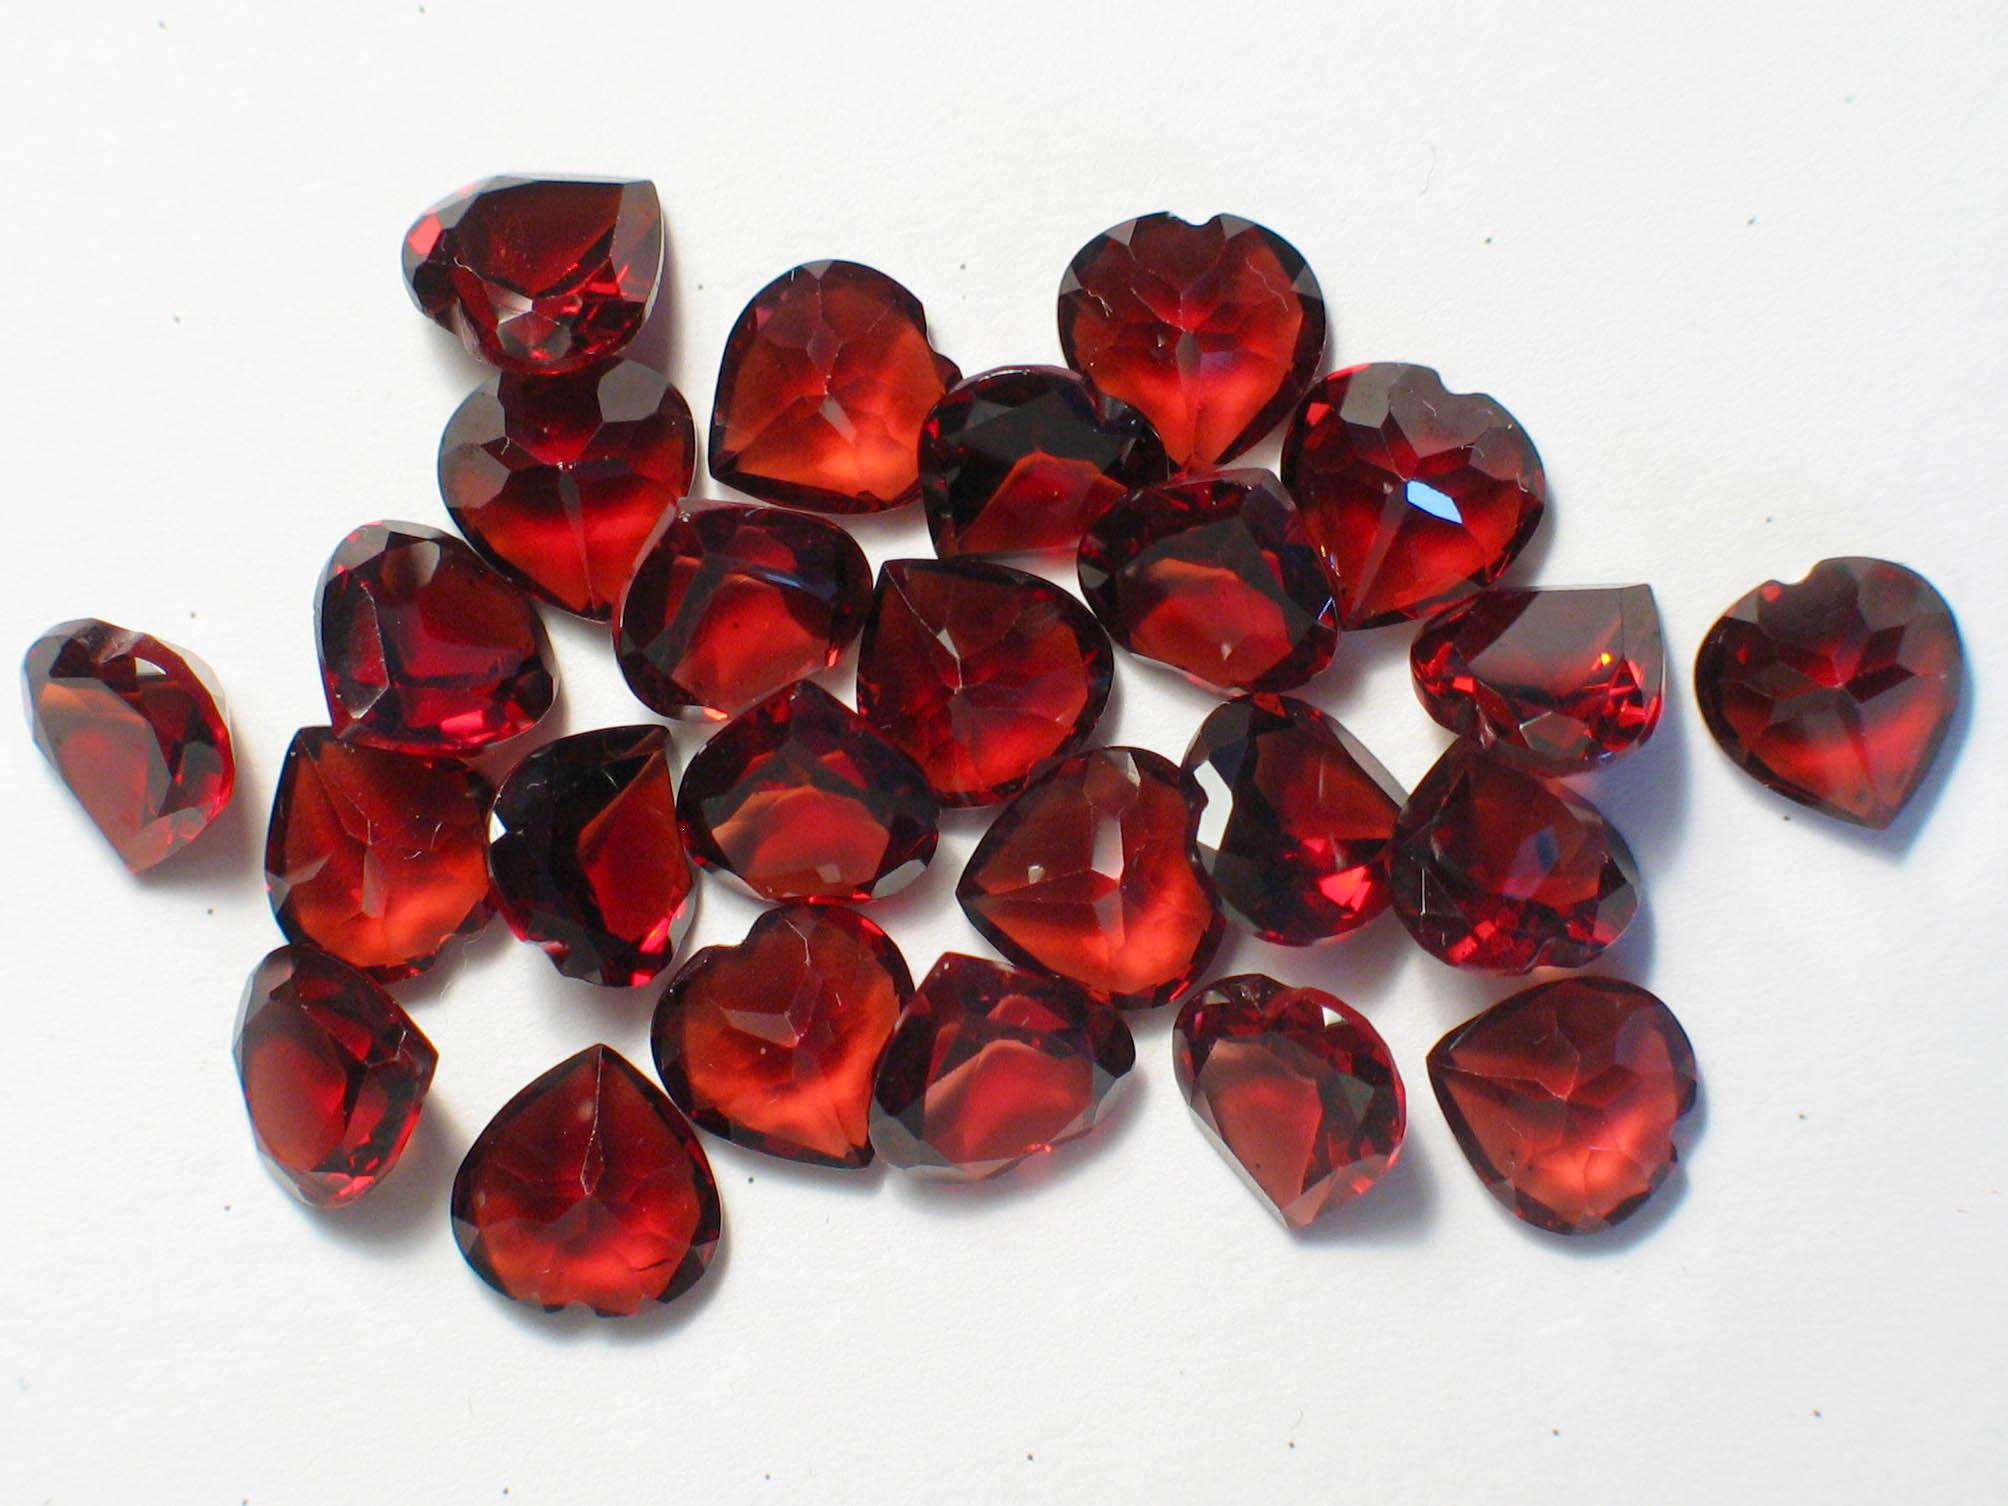 Камень красный гранат - фото, свойства, кому подходит этот камень